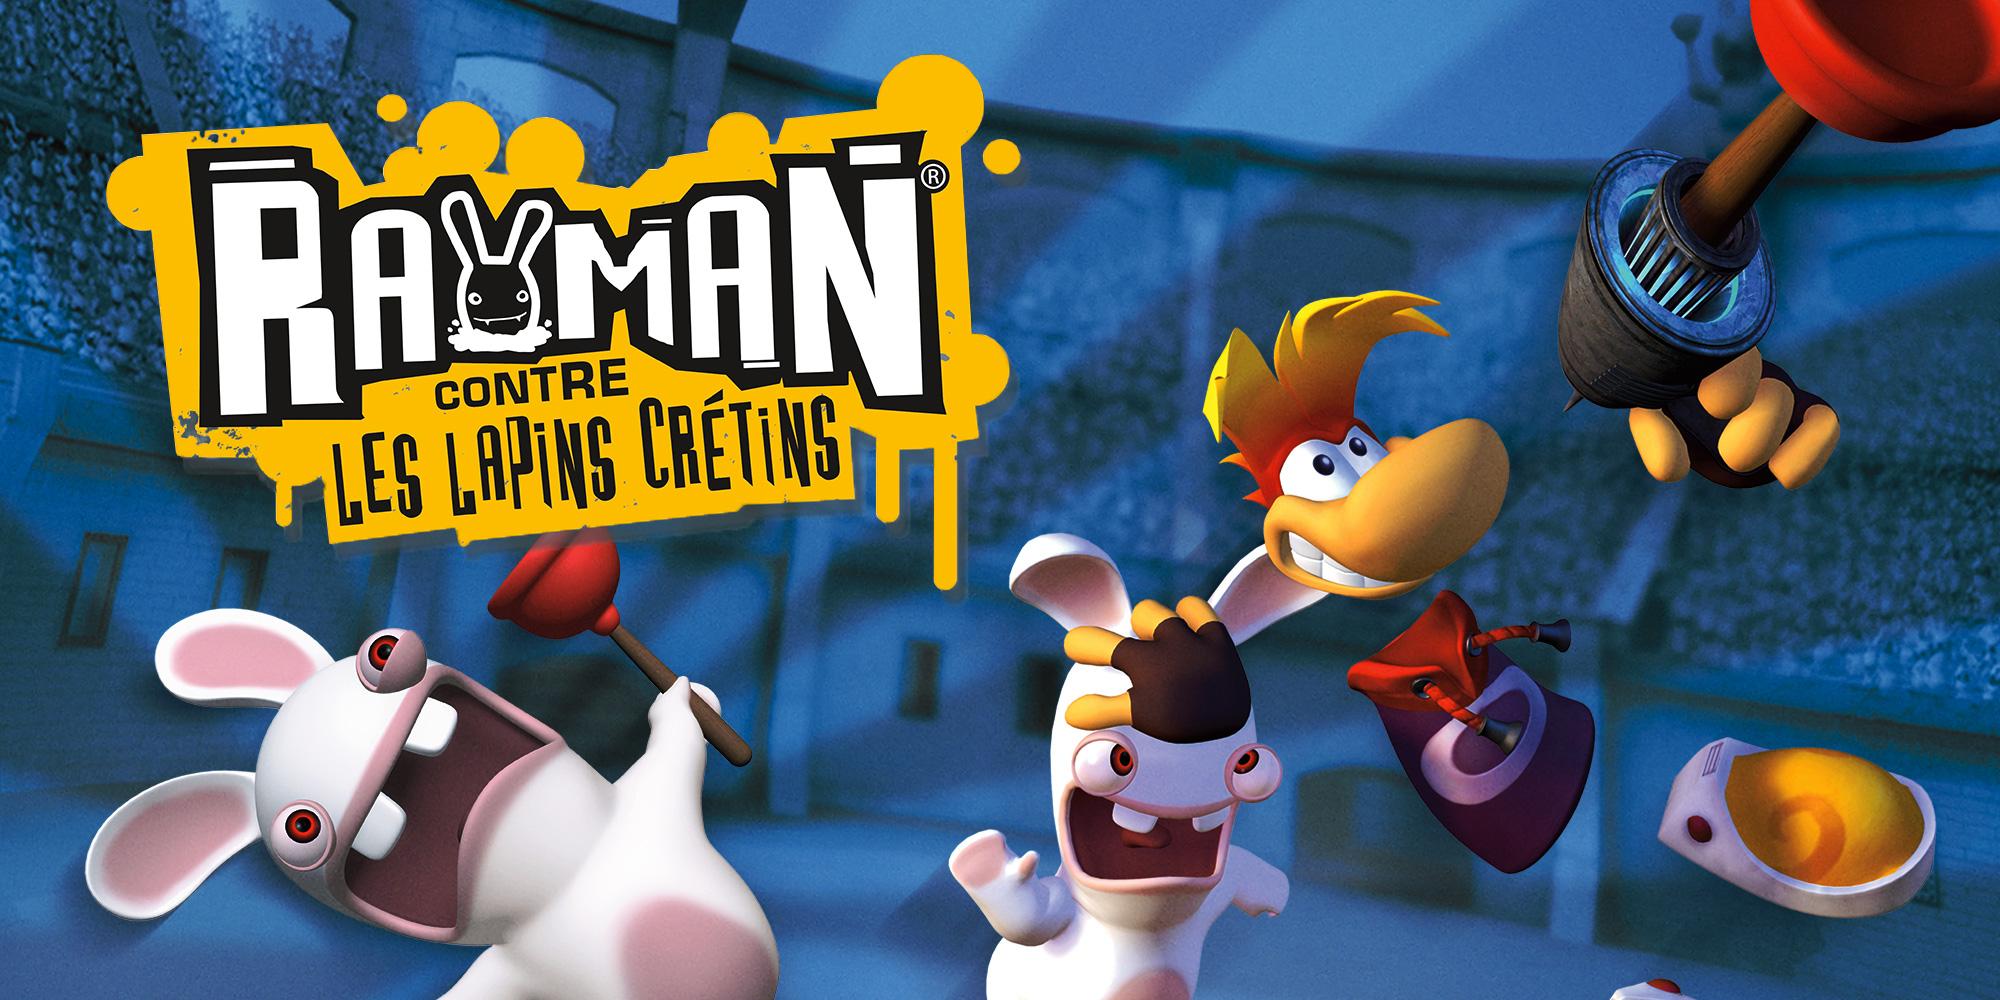 Rayman® contre les lapins crétins | Wii | Jeux | Nintendo